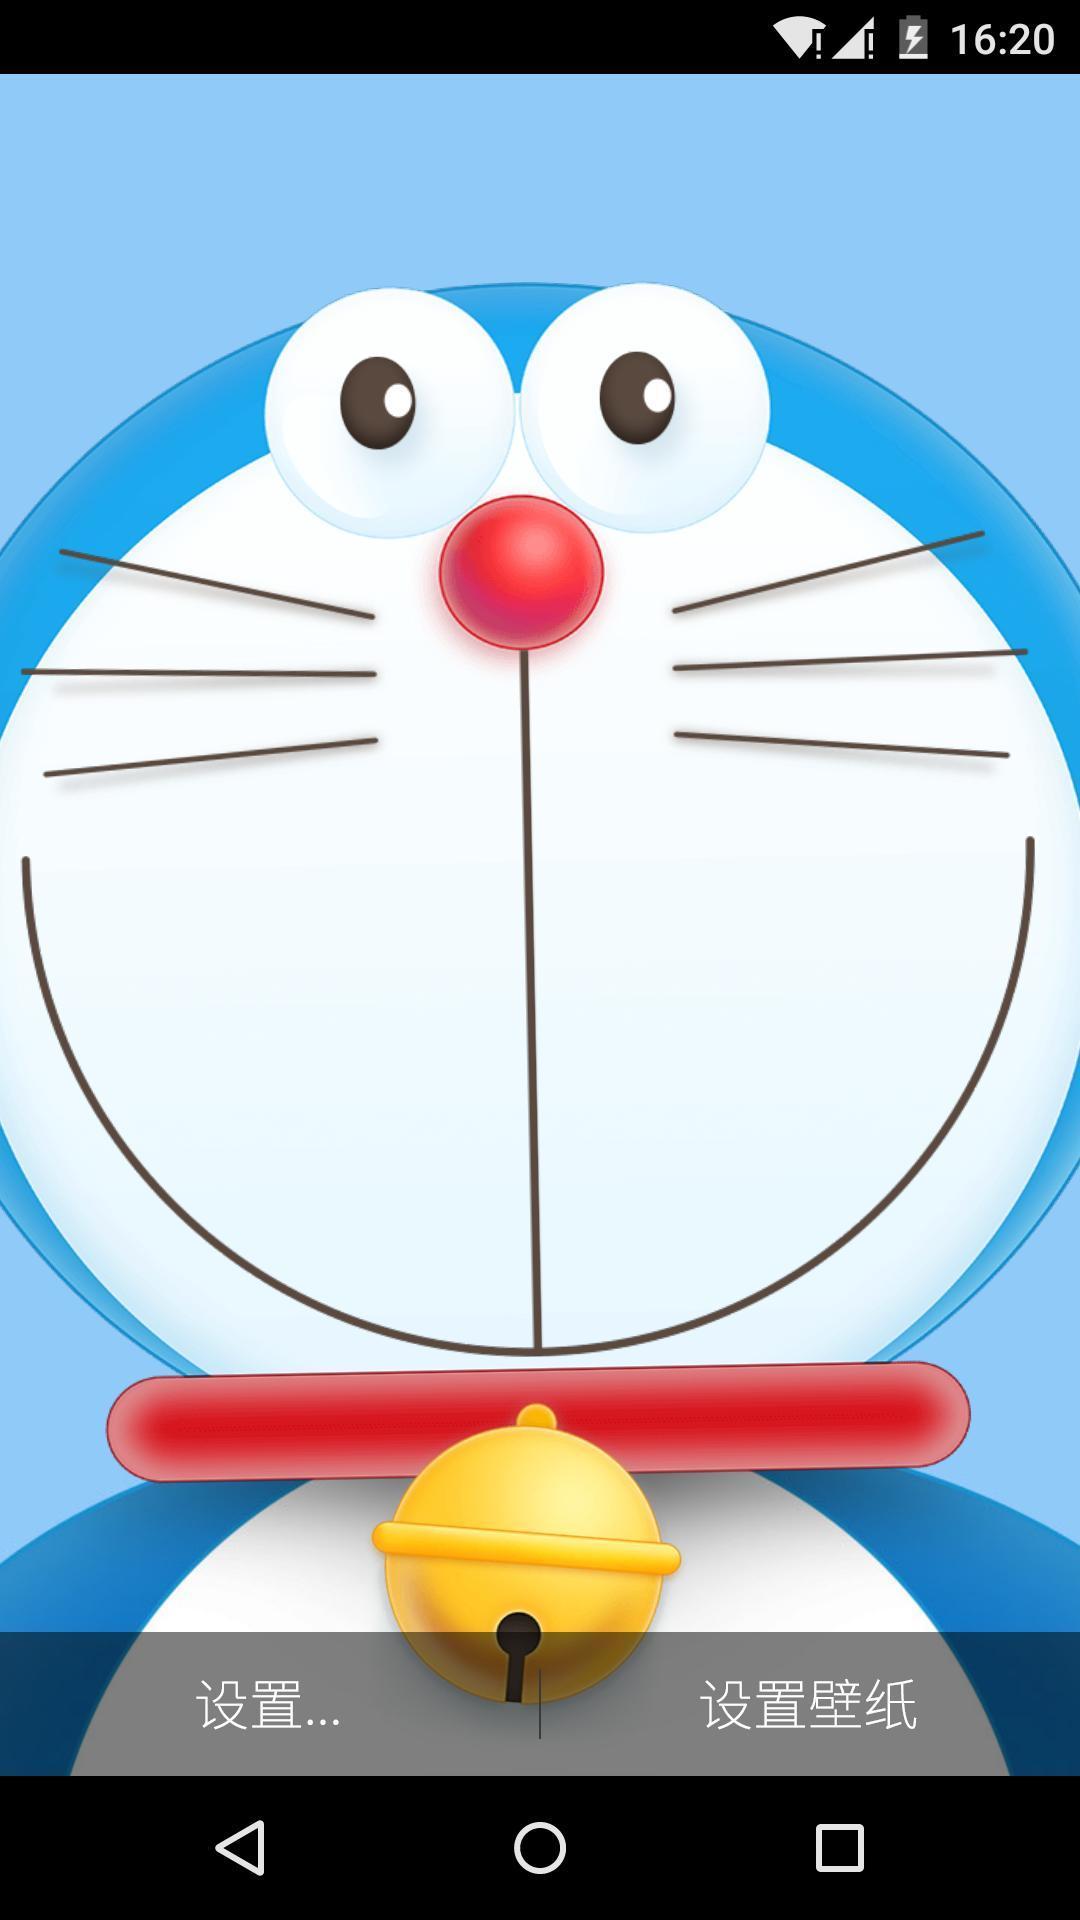 呆萌可爱的哆啦a梦出现在屏幕的正中央,咪咪的小眼睛看着你,好像在等